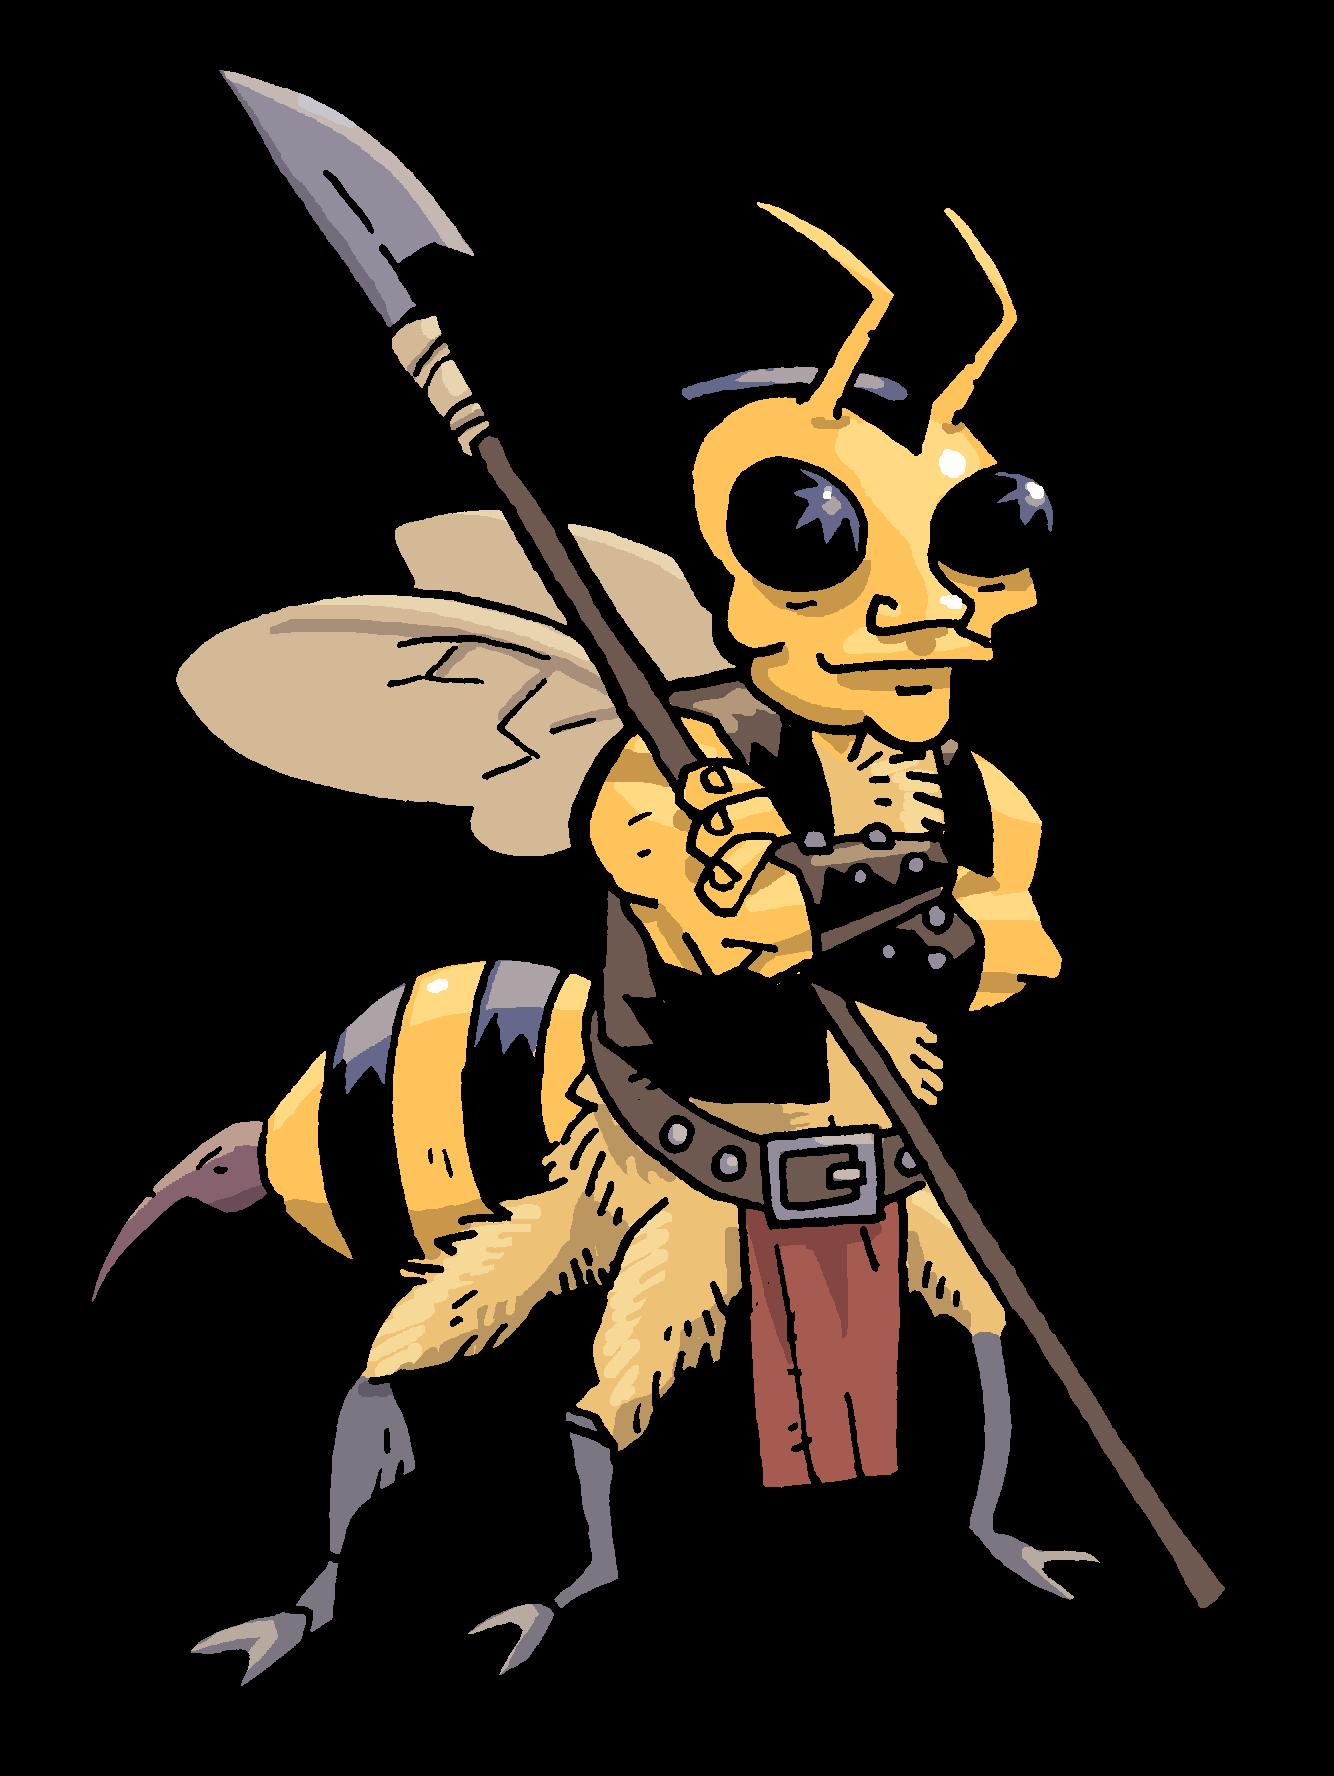 Hornet clipart mad. Ksh rpg monsters sword